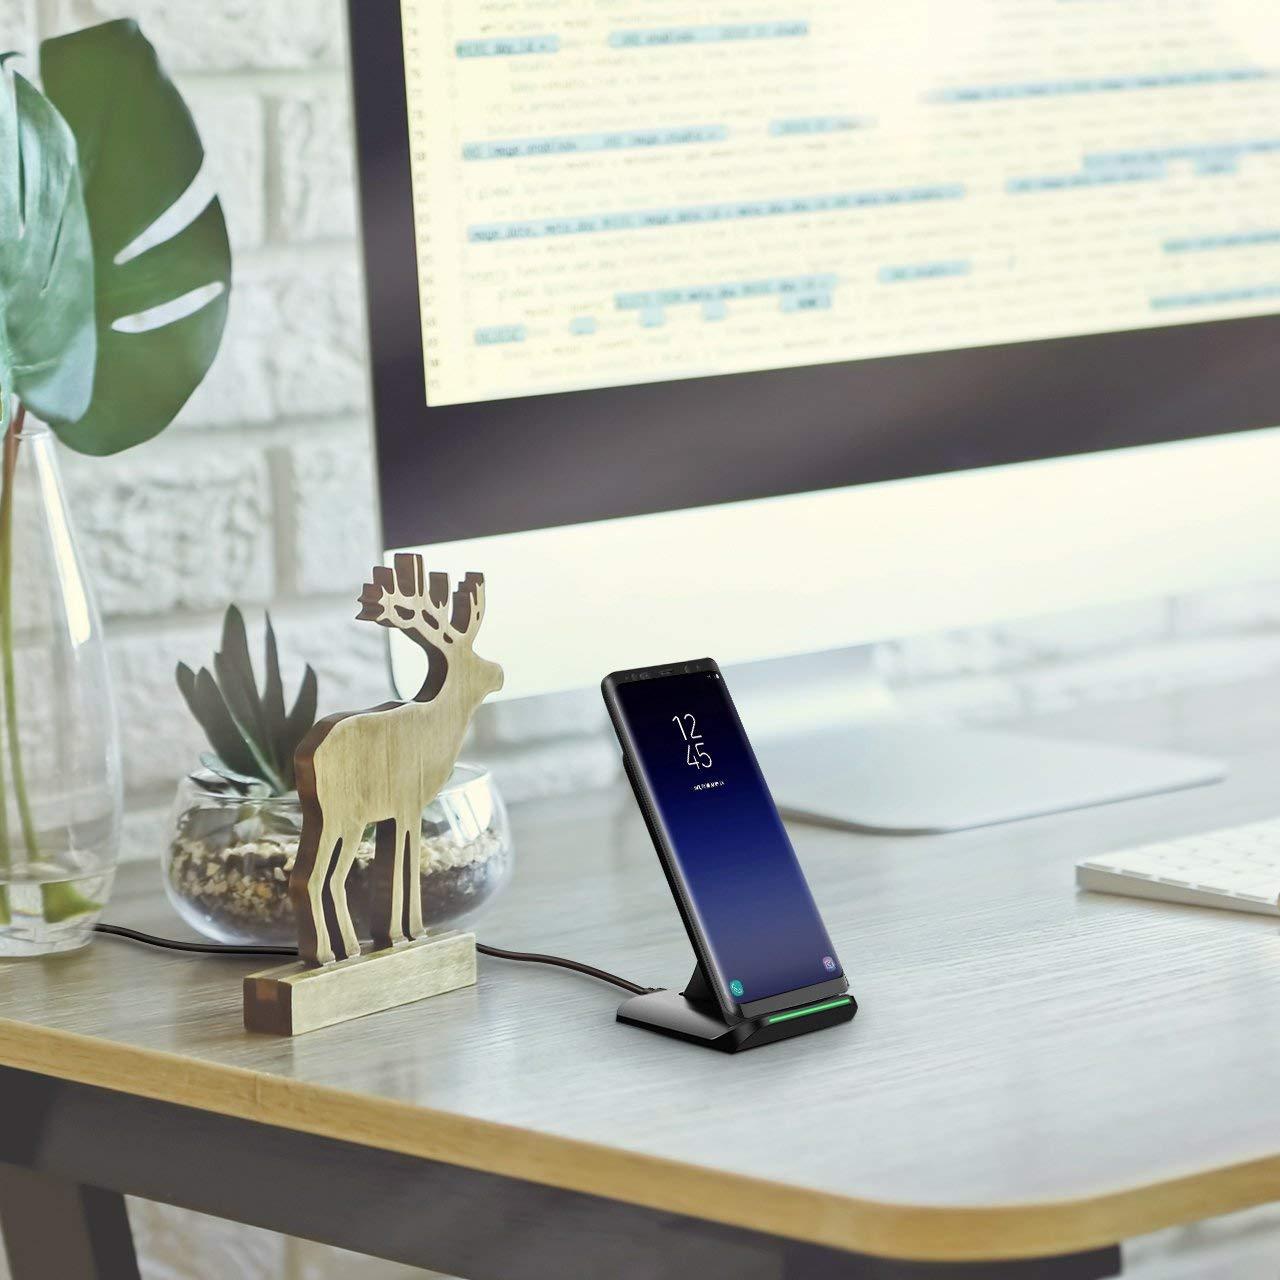 Cargadores inalámbricos para tus teléfonos móviles Android e iOS